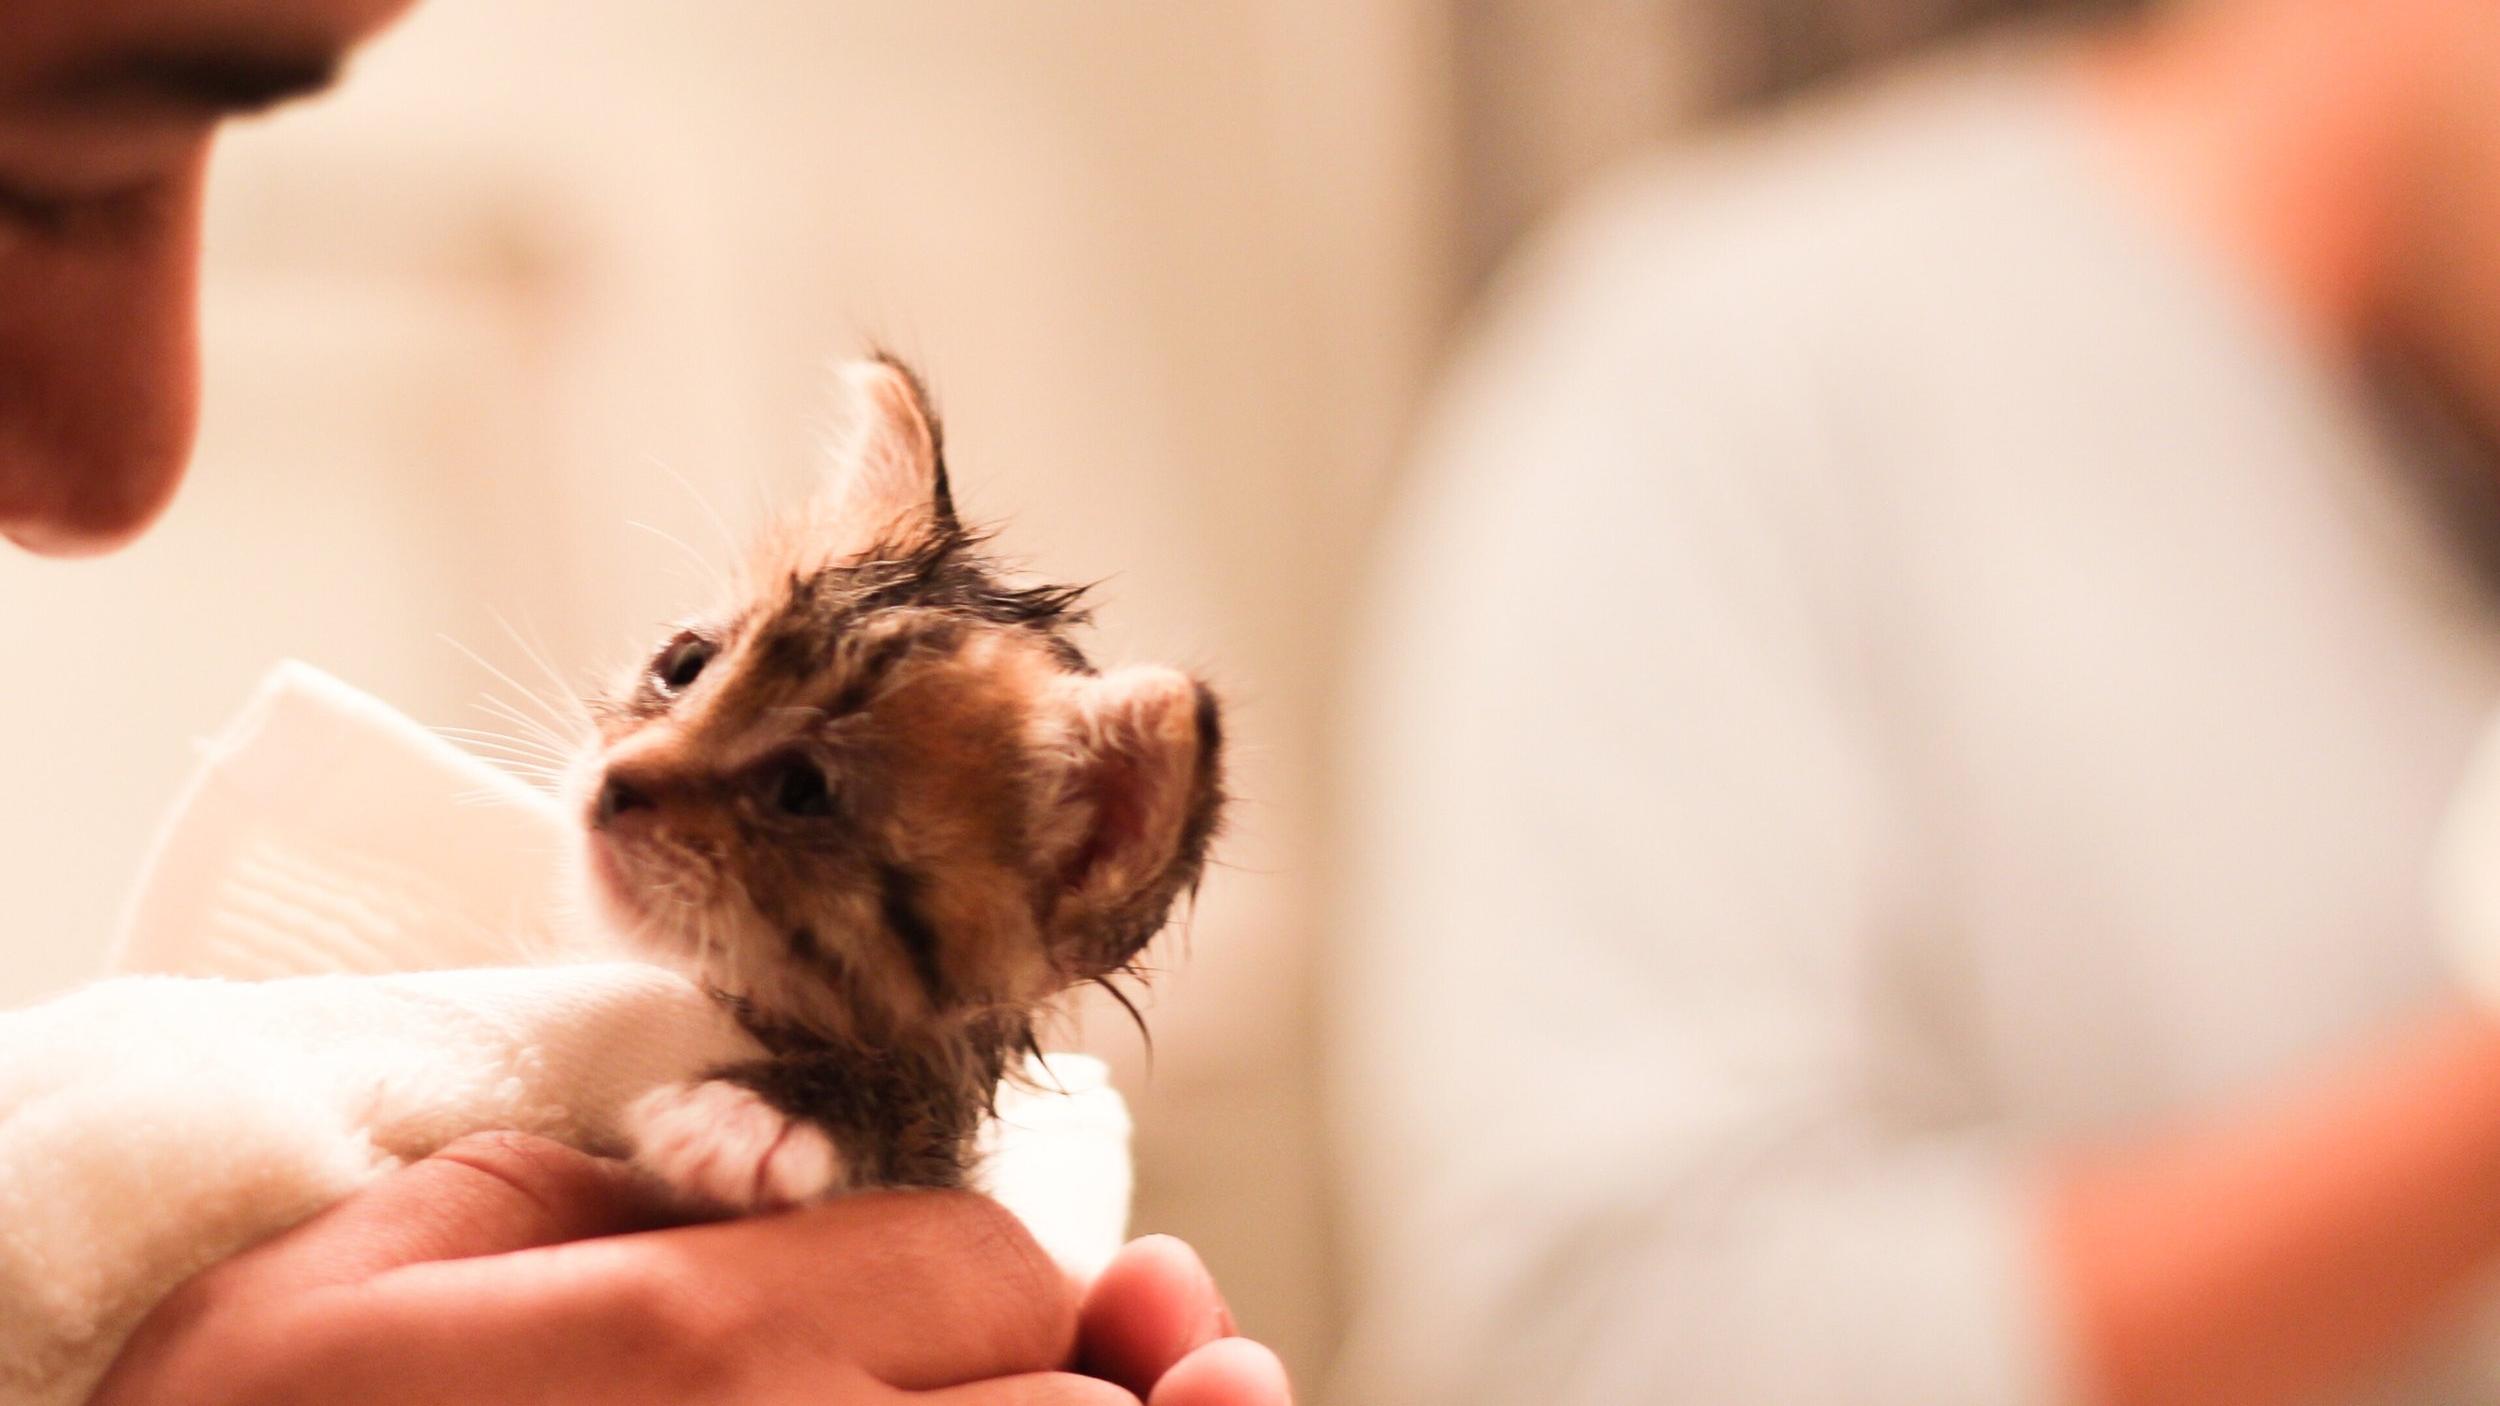 rescue-kittens-first-bath_t20_NozBNE.jpg